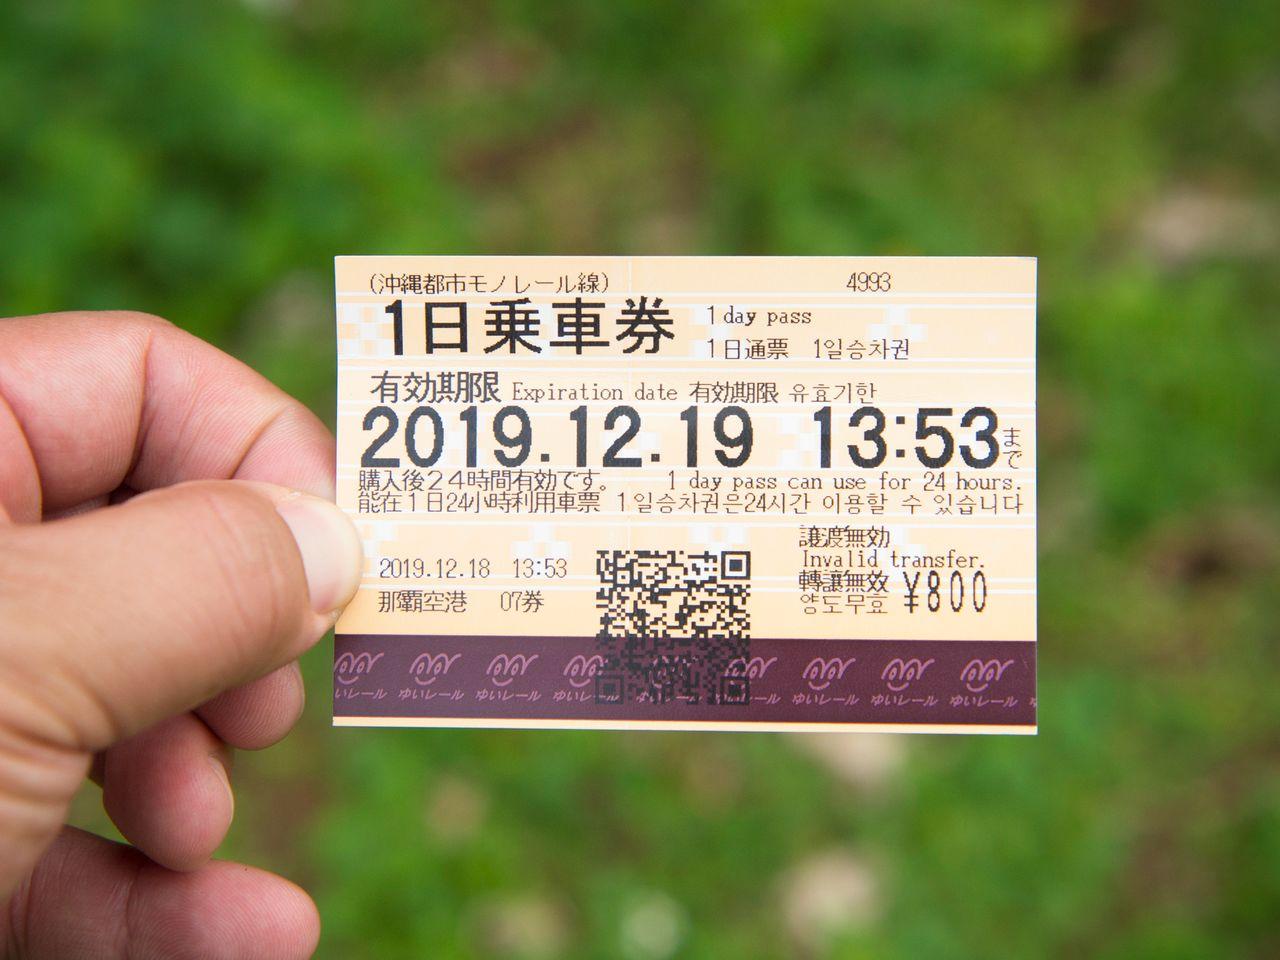 Проездной на монорельс действителен в течение 24 часов, поэтому на нём указано время приобретения. При предъявлении проездного в замке Сюридзё, мавзолее Тамаудун и некоторых других достопримечательностях предоставляется скидка на входной билет